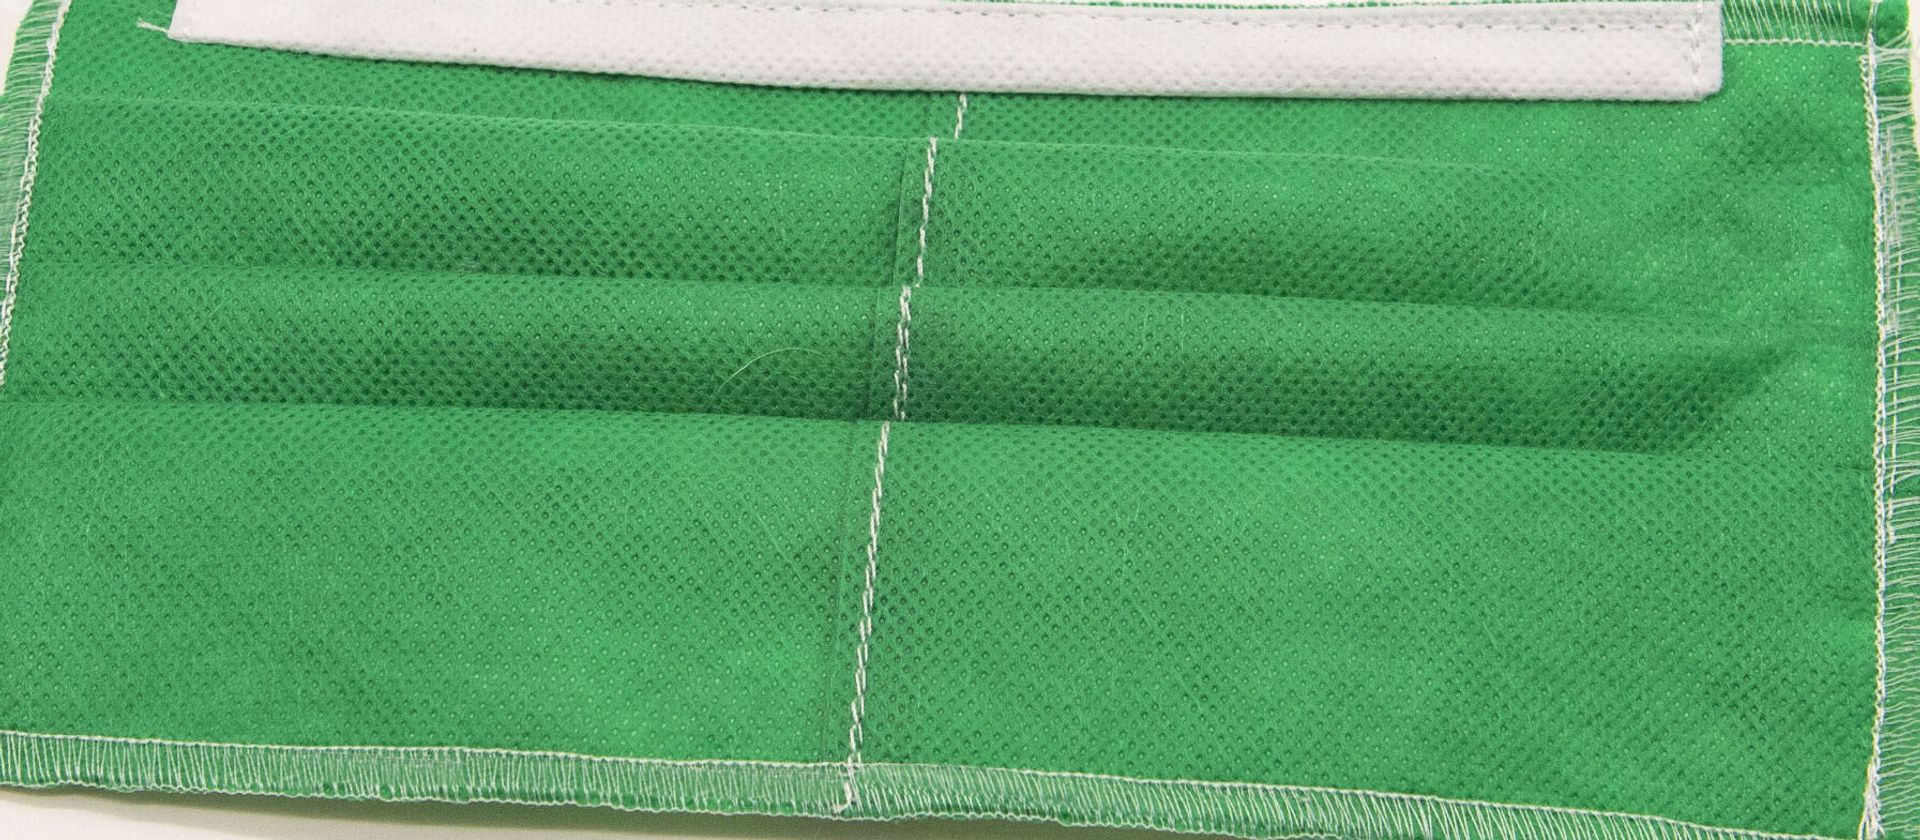 Mascherina Protettiva Lavabile verde